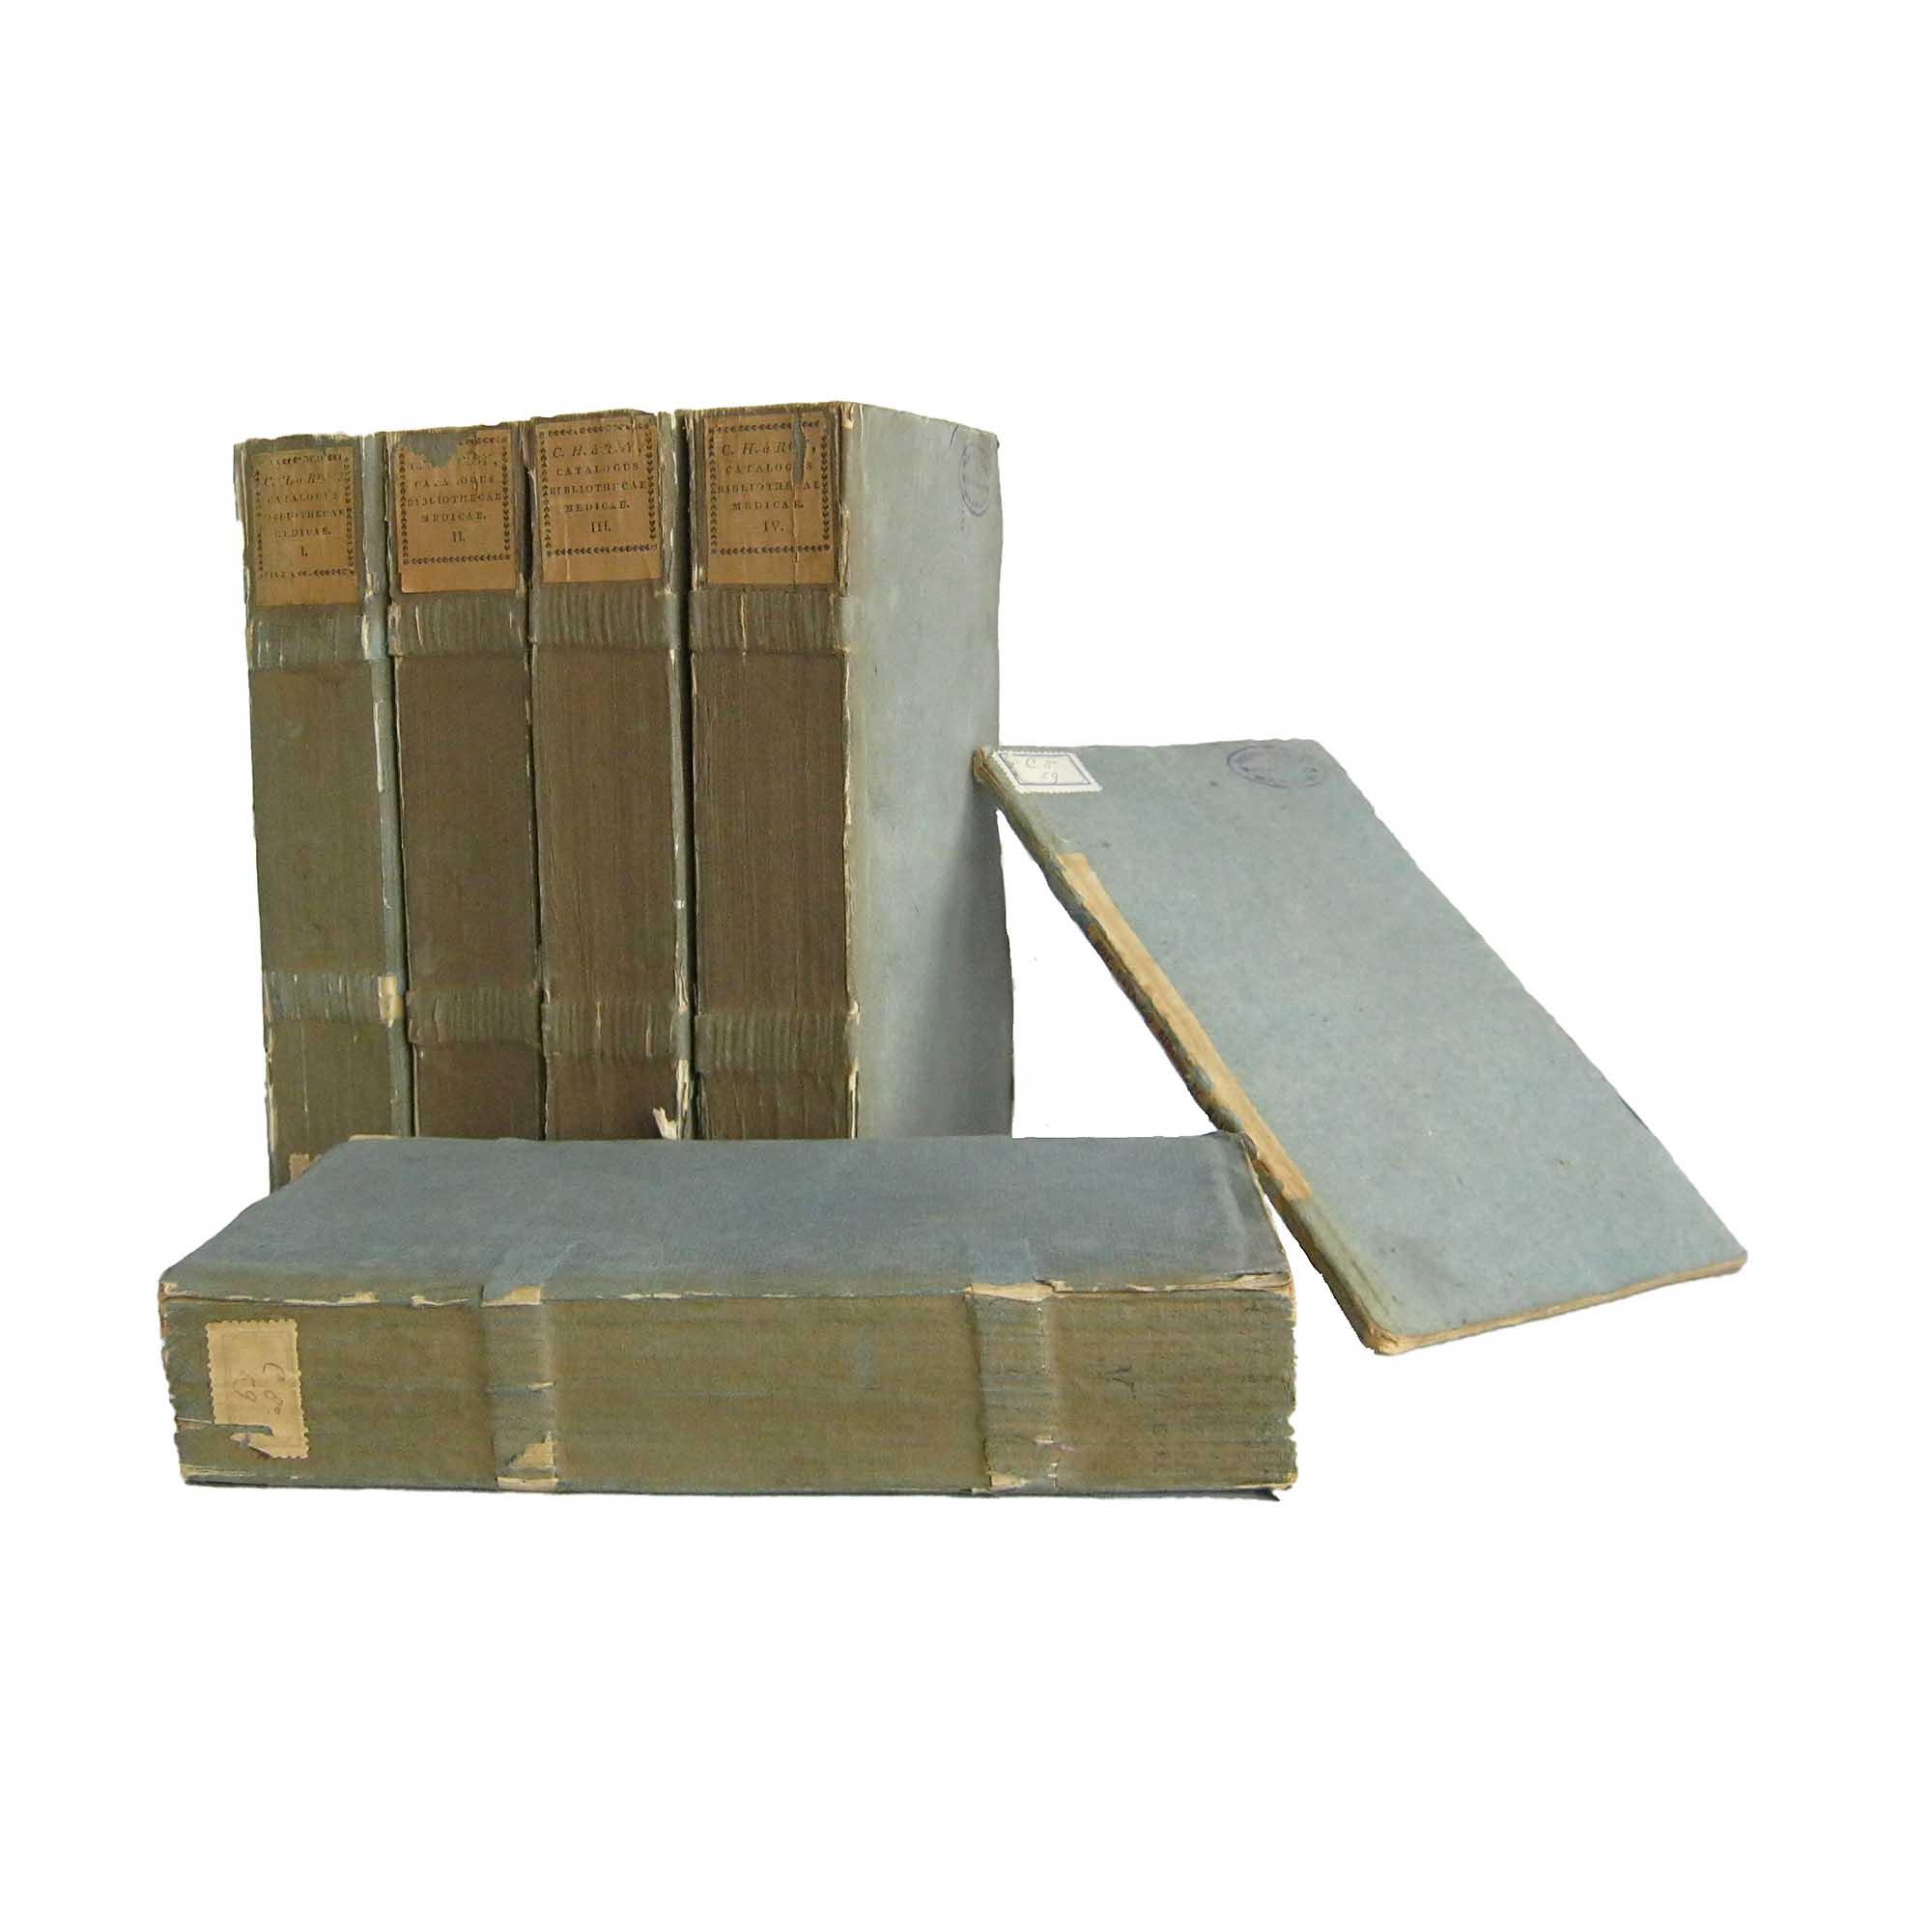 Roy-Bibliothecae-Medica-1830-1834-Set-frei-N.jpg